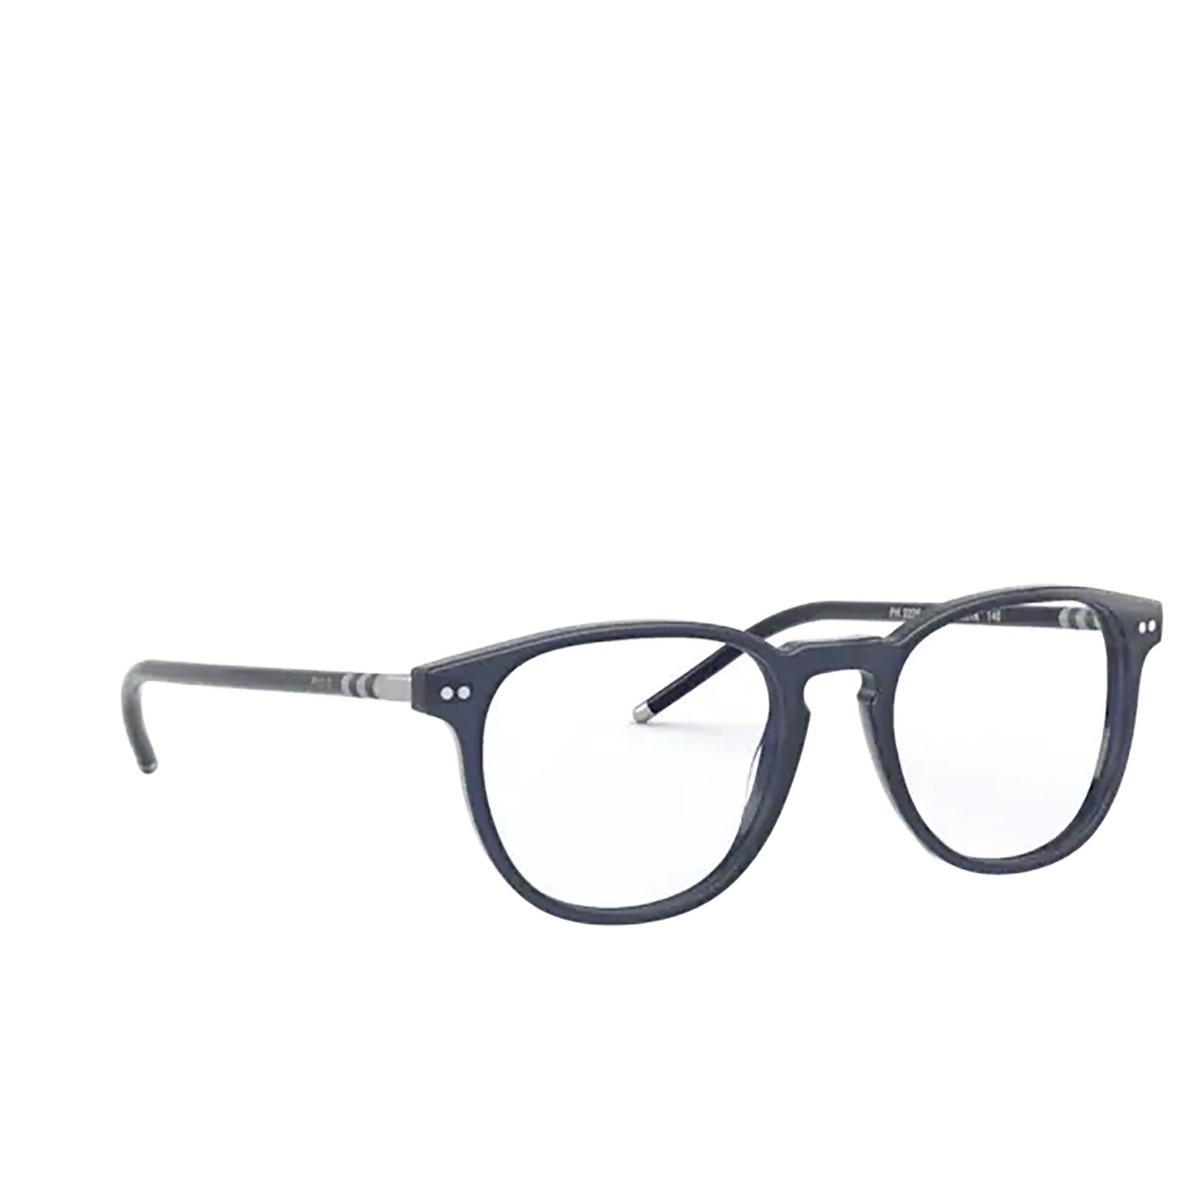 Polo Ralph Lauren® Square Eyeglasses: PH2225 color Transparent Blue 5866.